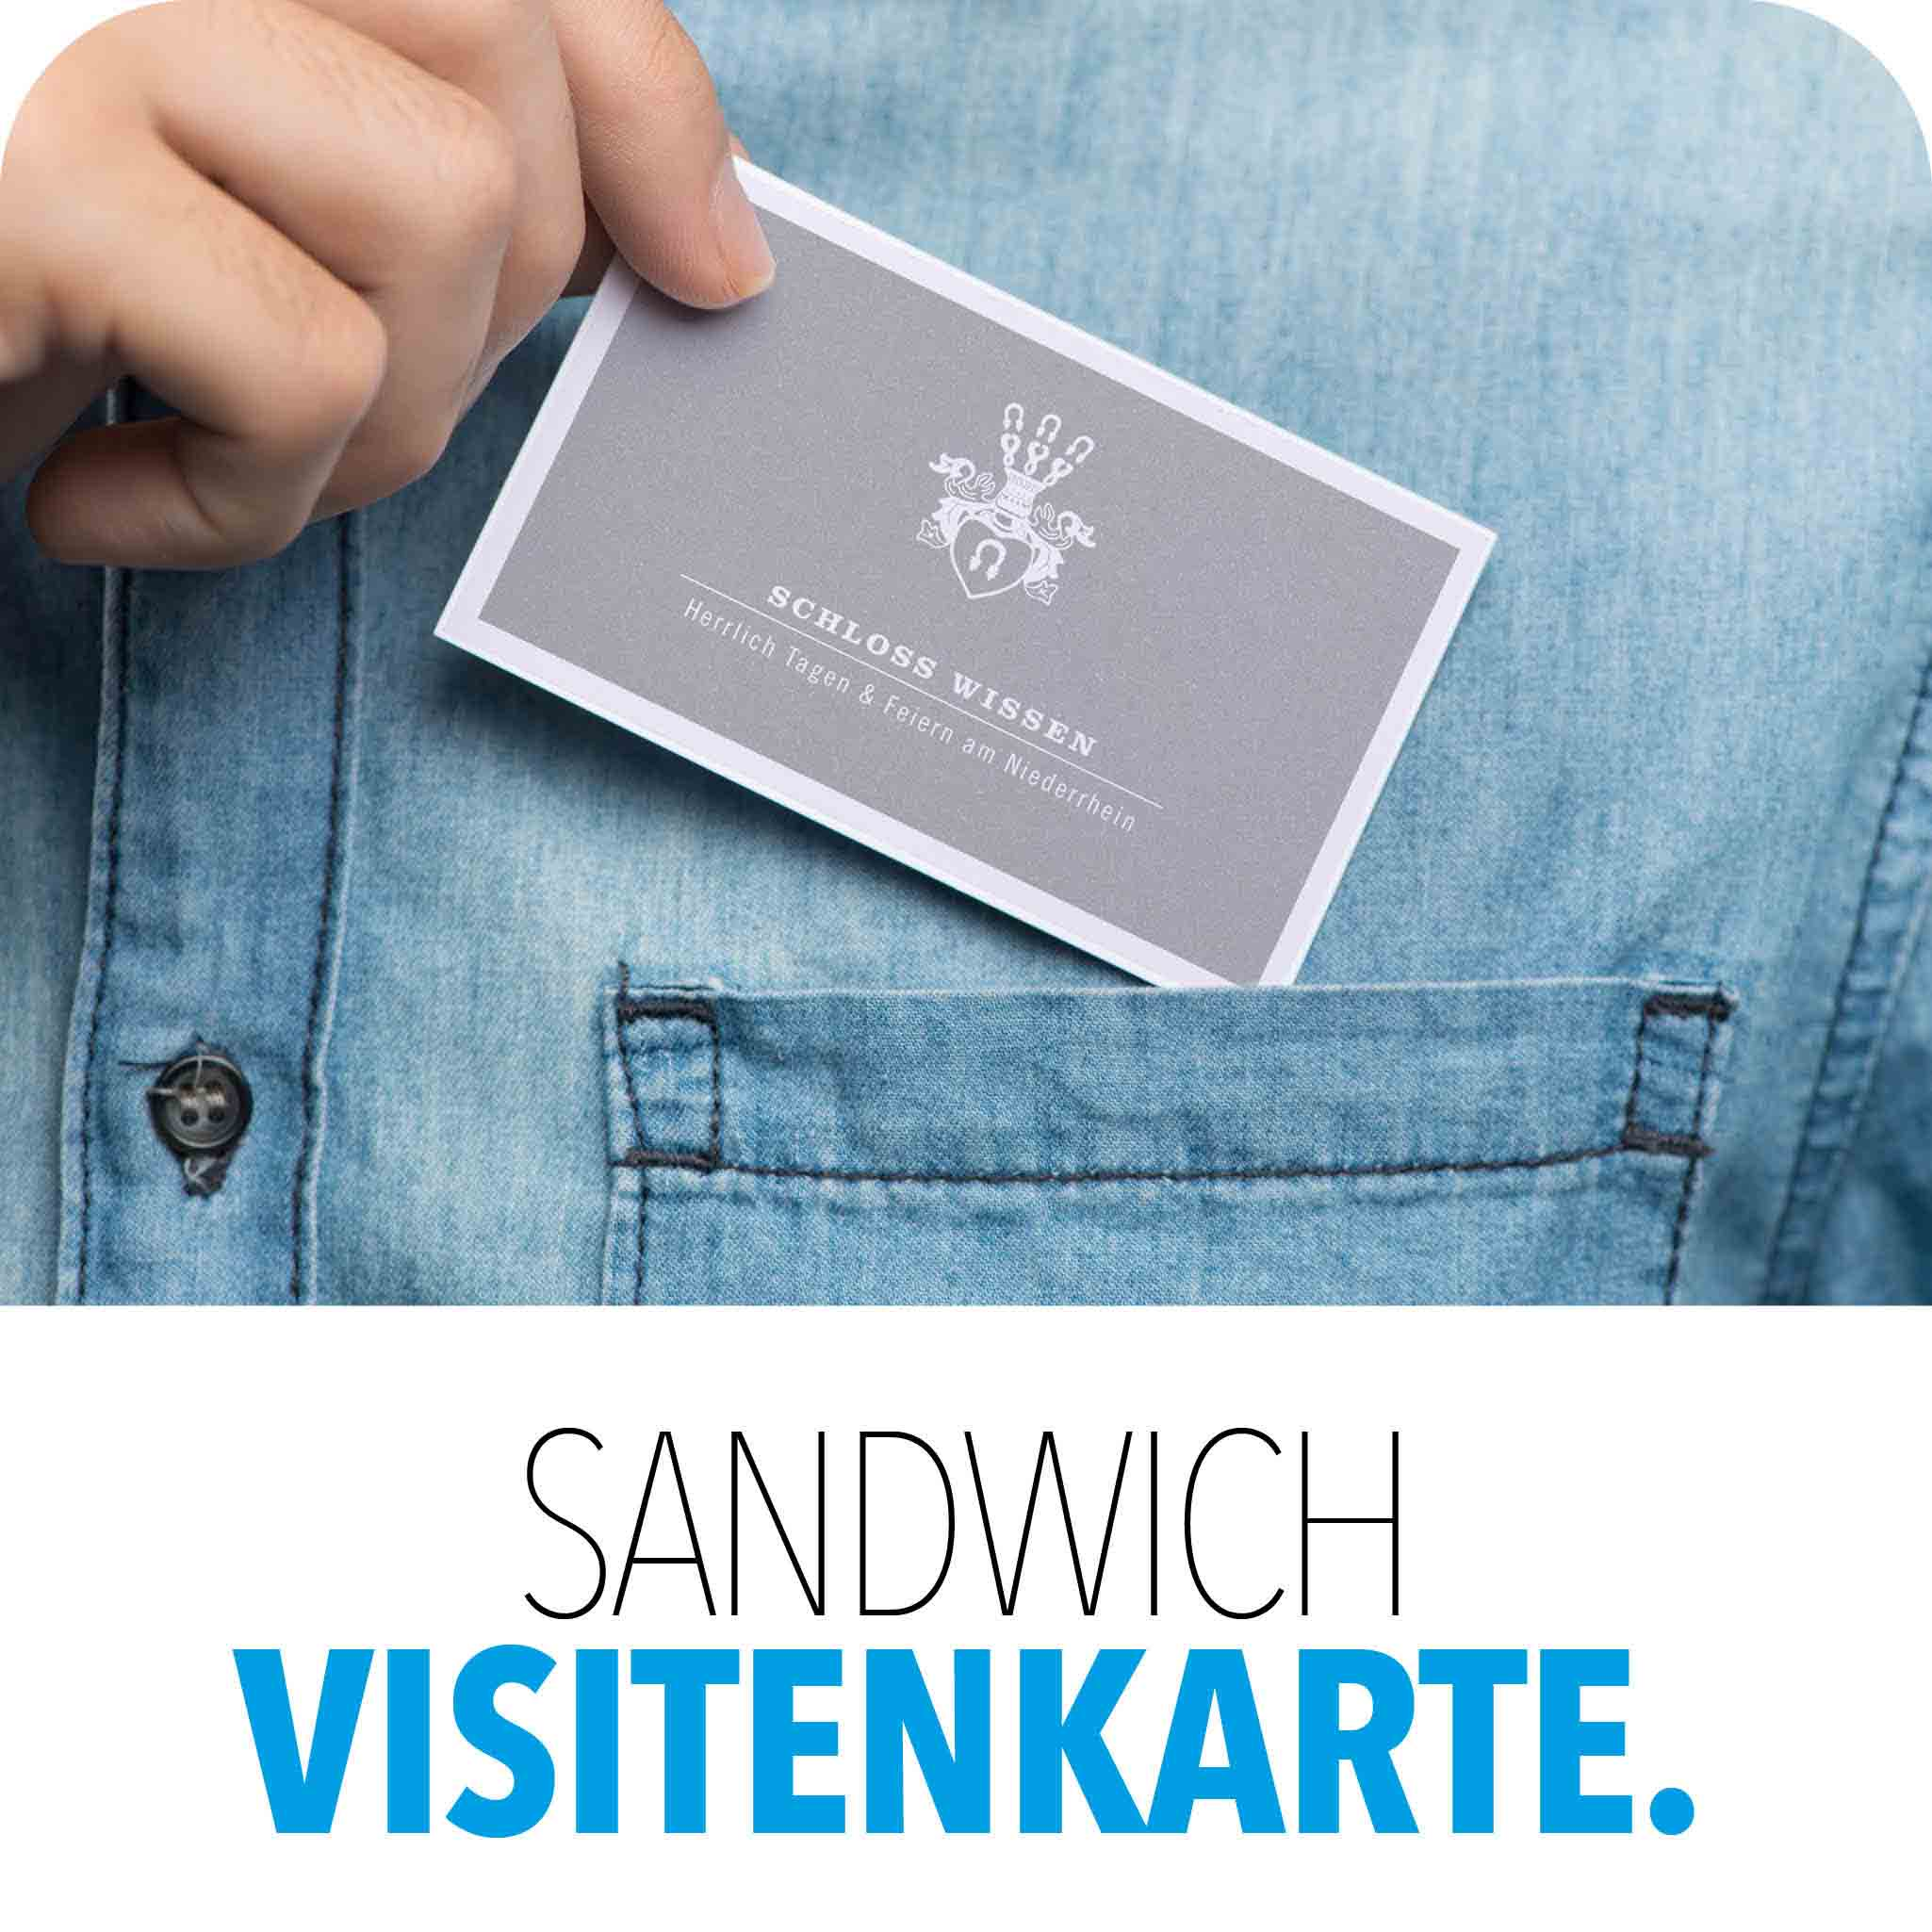 Visitenkarte als Sandwichkarte